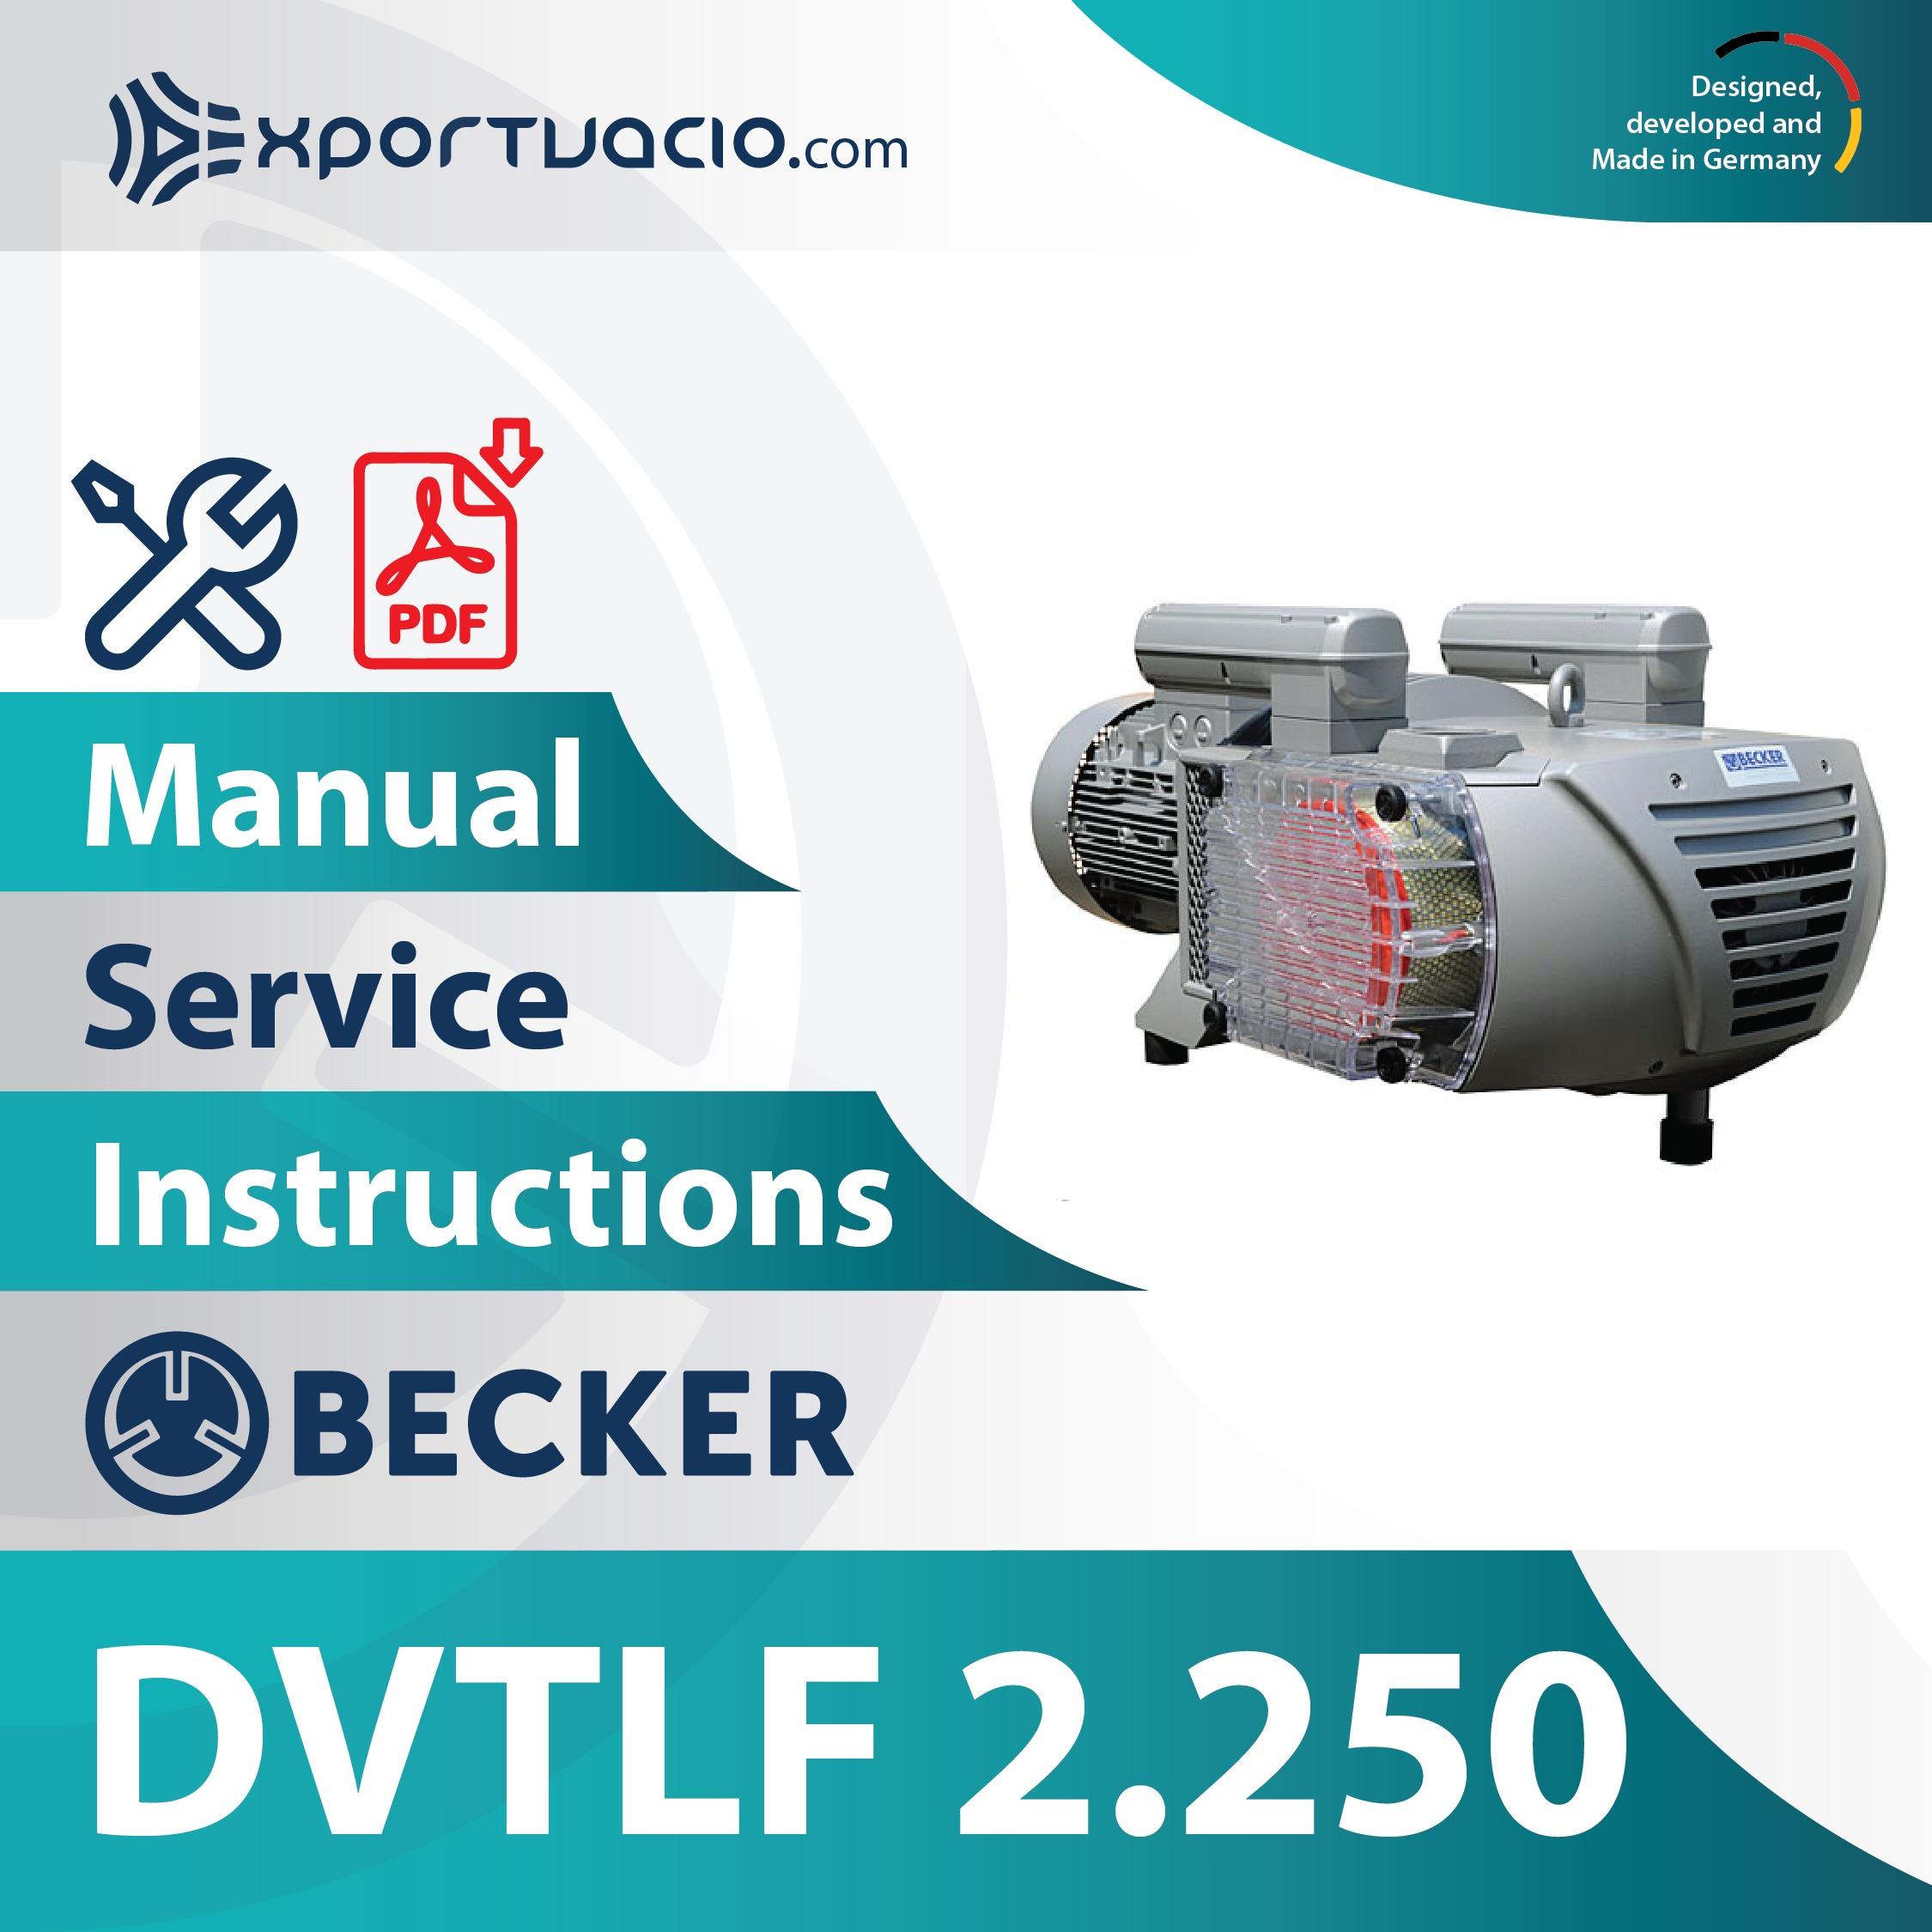 Becker DVTLF 2.250